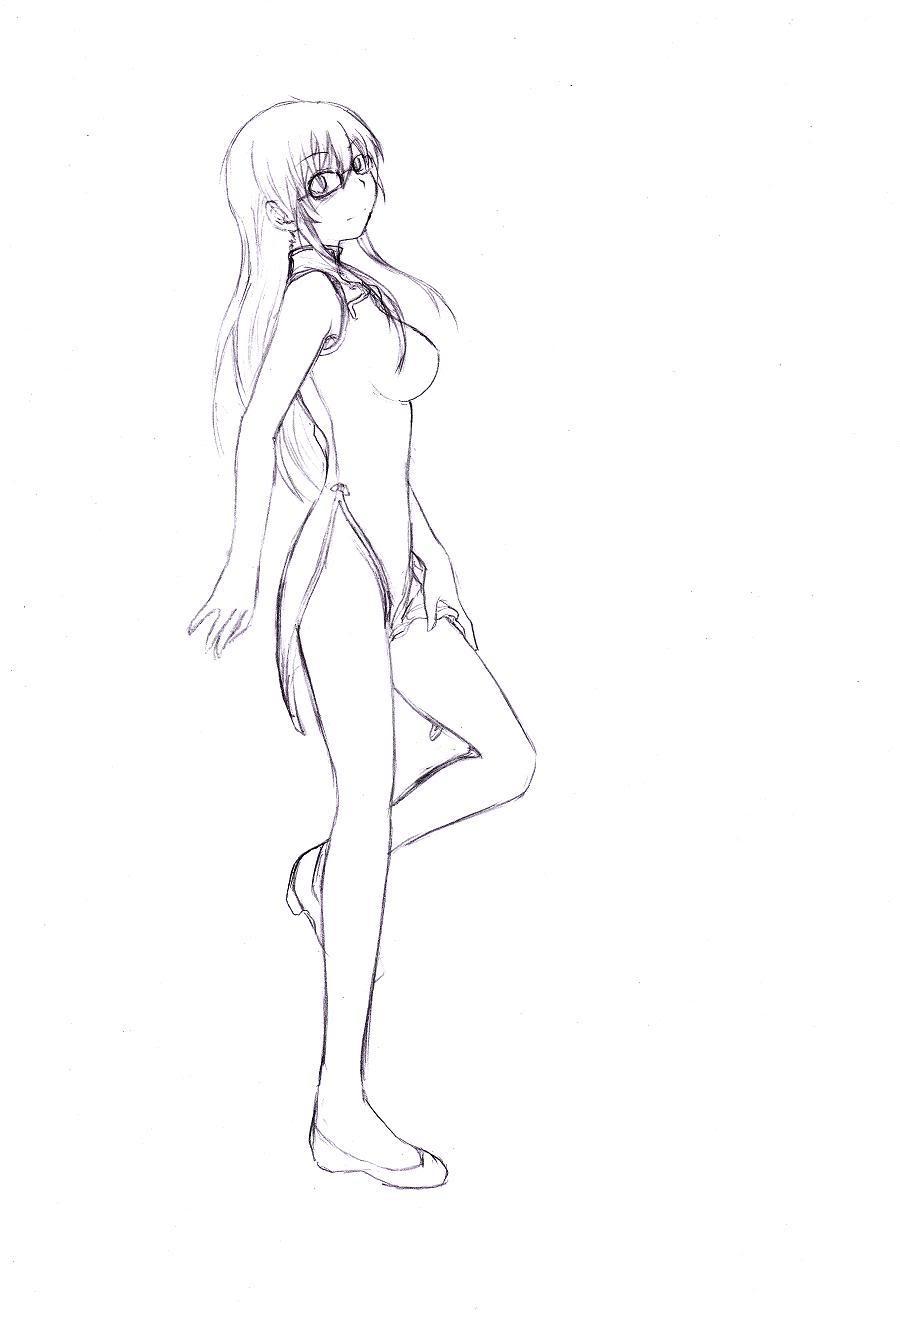 คลังภาพ ของ Taka (ในบอร์ดนี้ชื่อ evangelion) 7/1/2556 - Page 2 2009_06_08_0002_V2